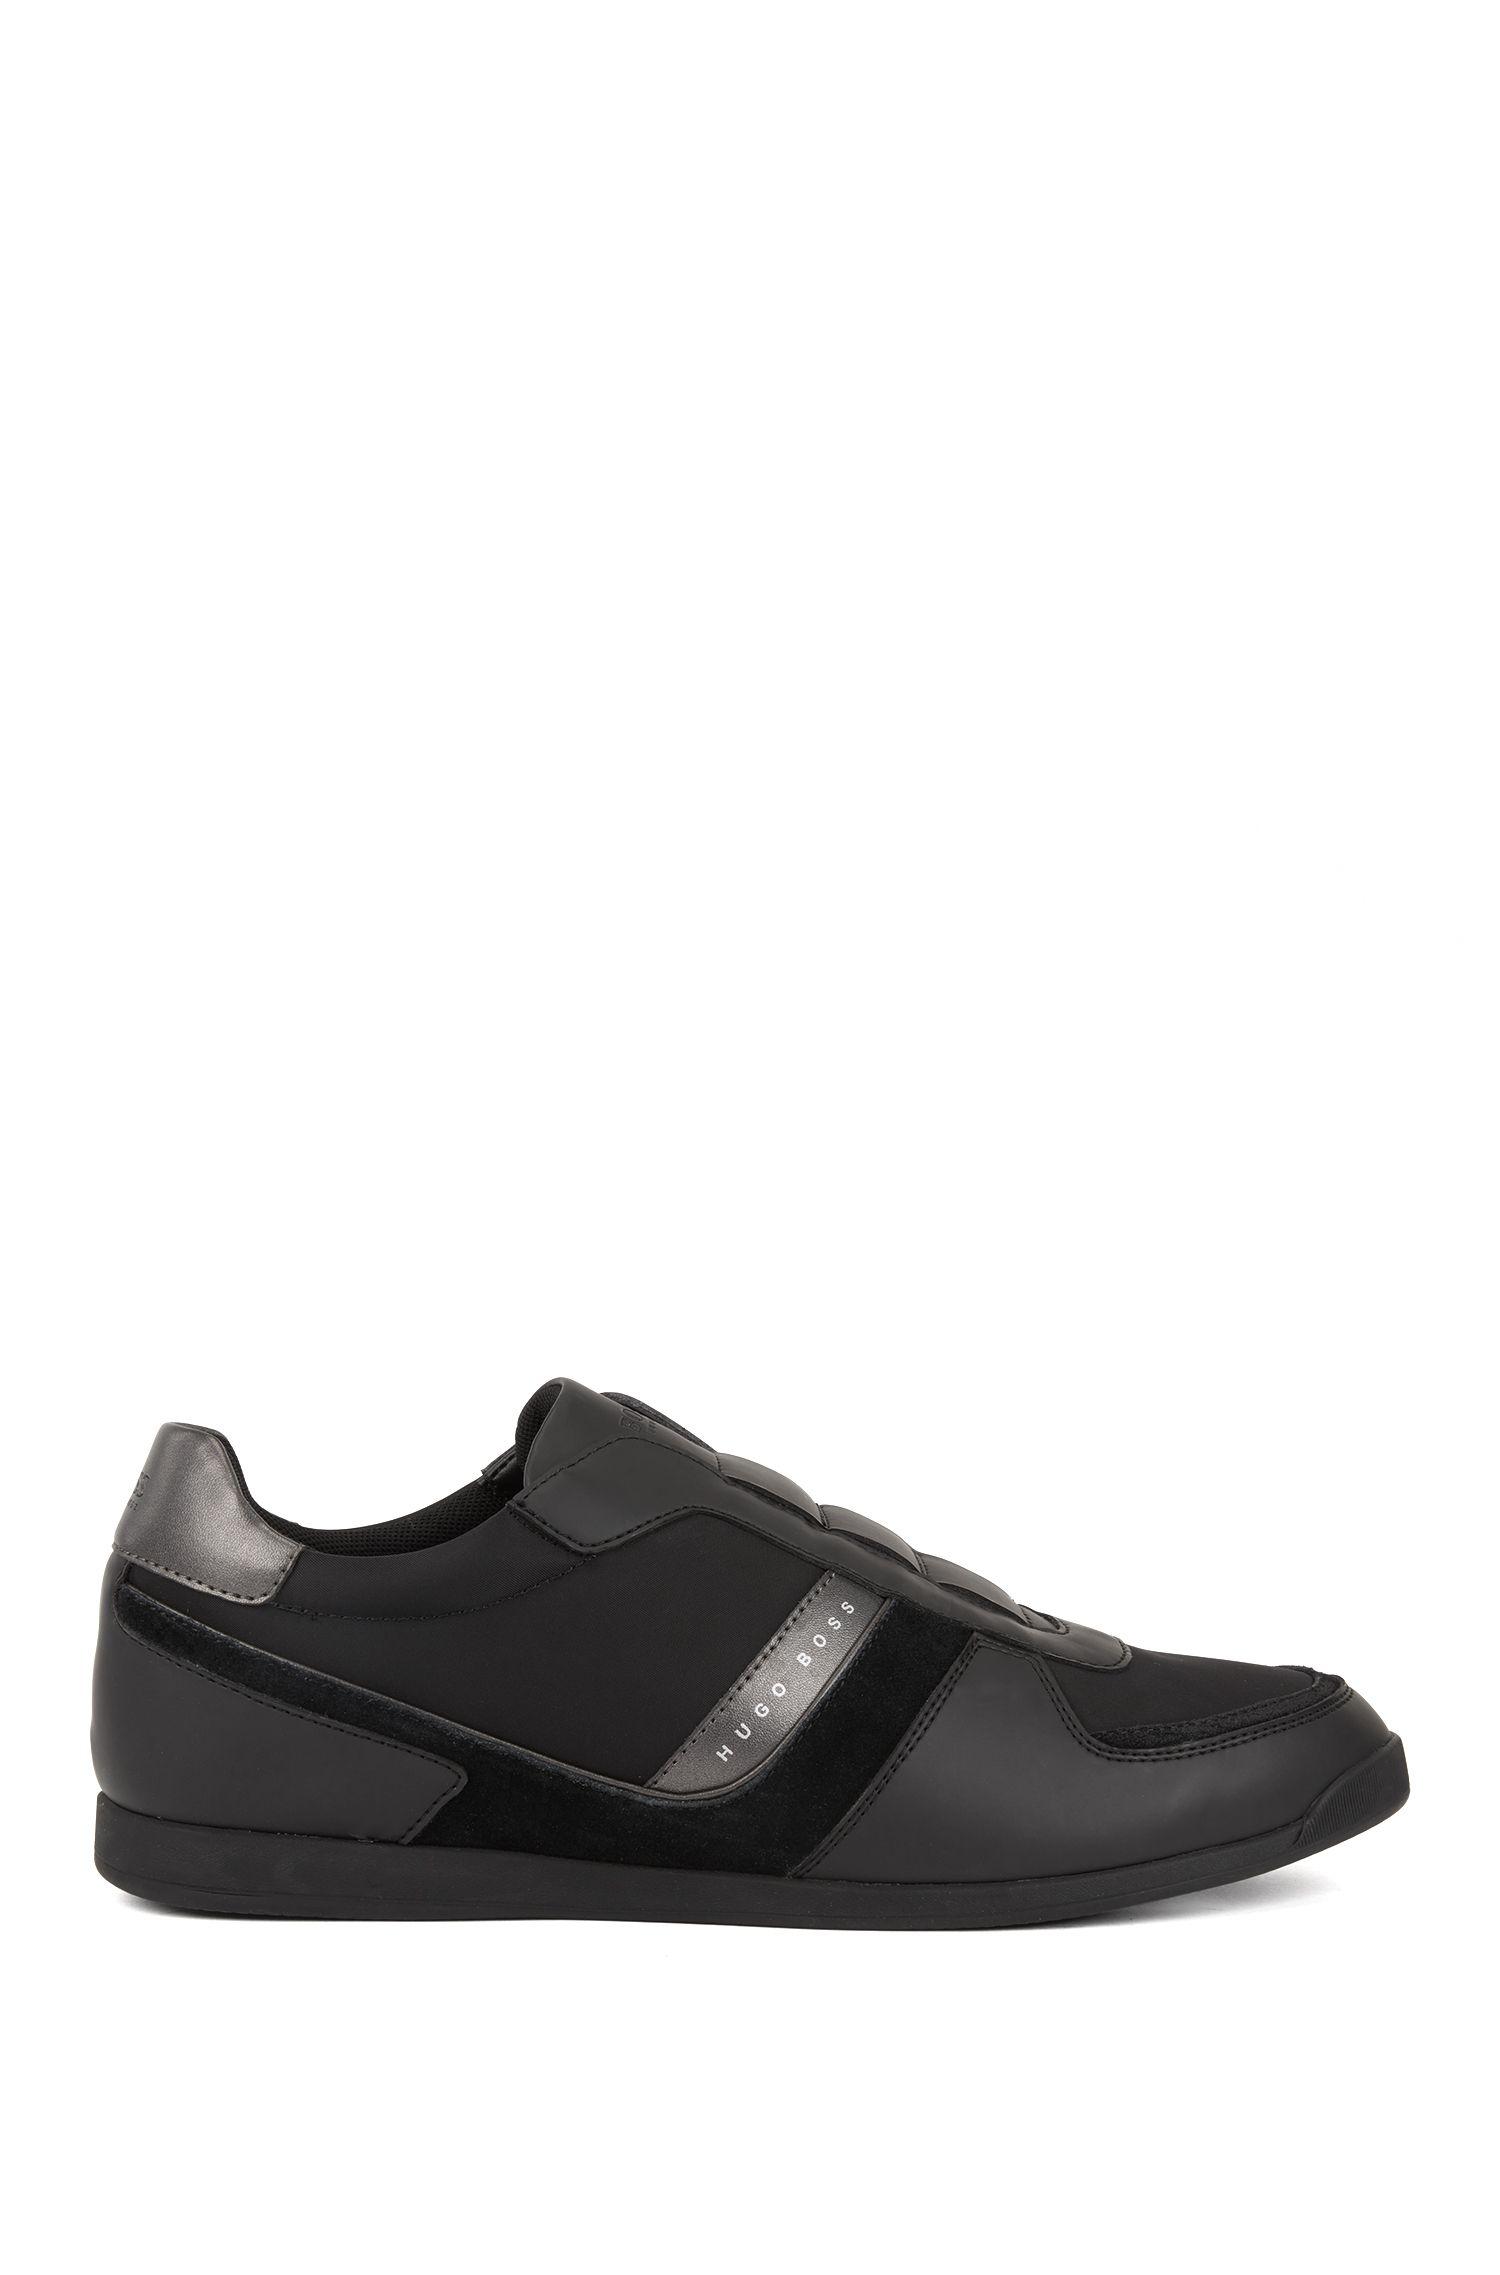 Lowtop Sneakers ohne Schnürsenkel, Schwarz